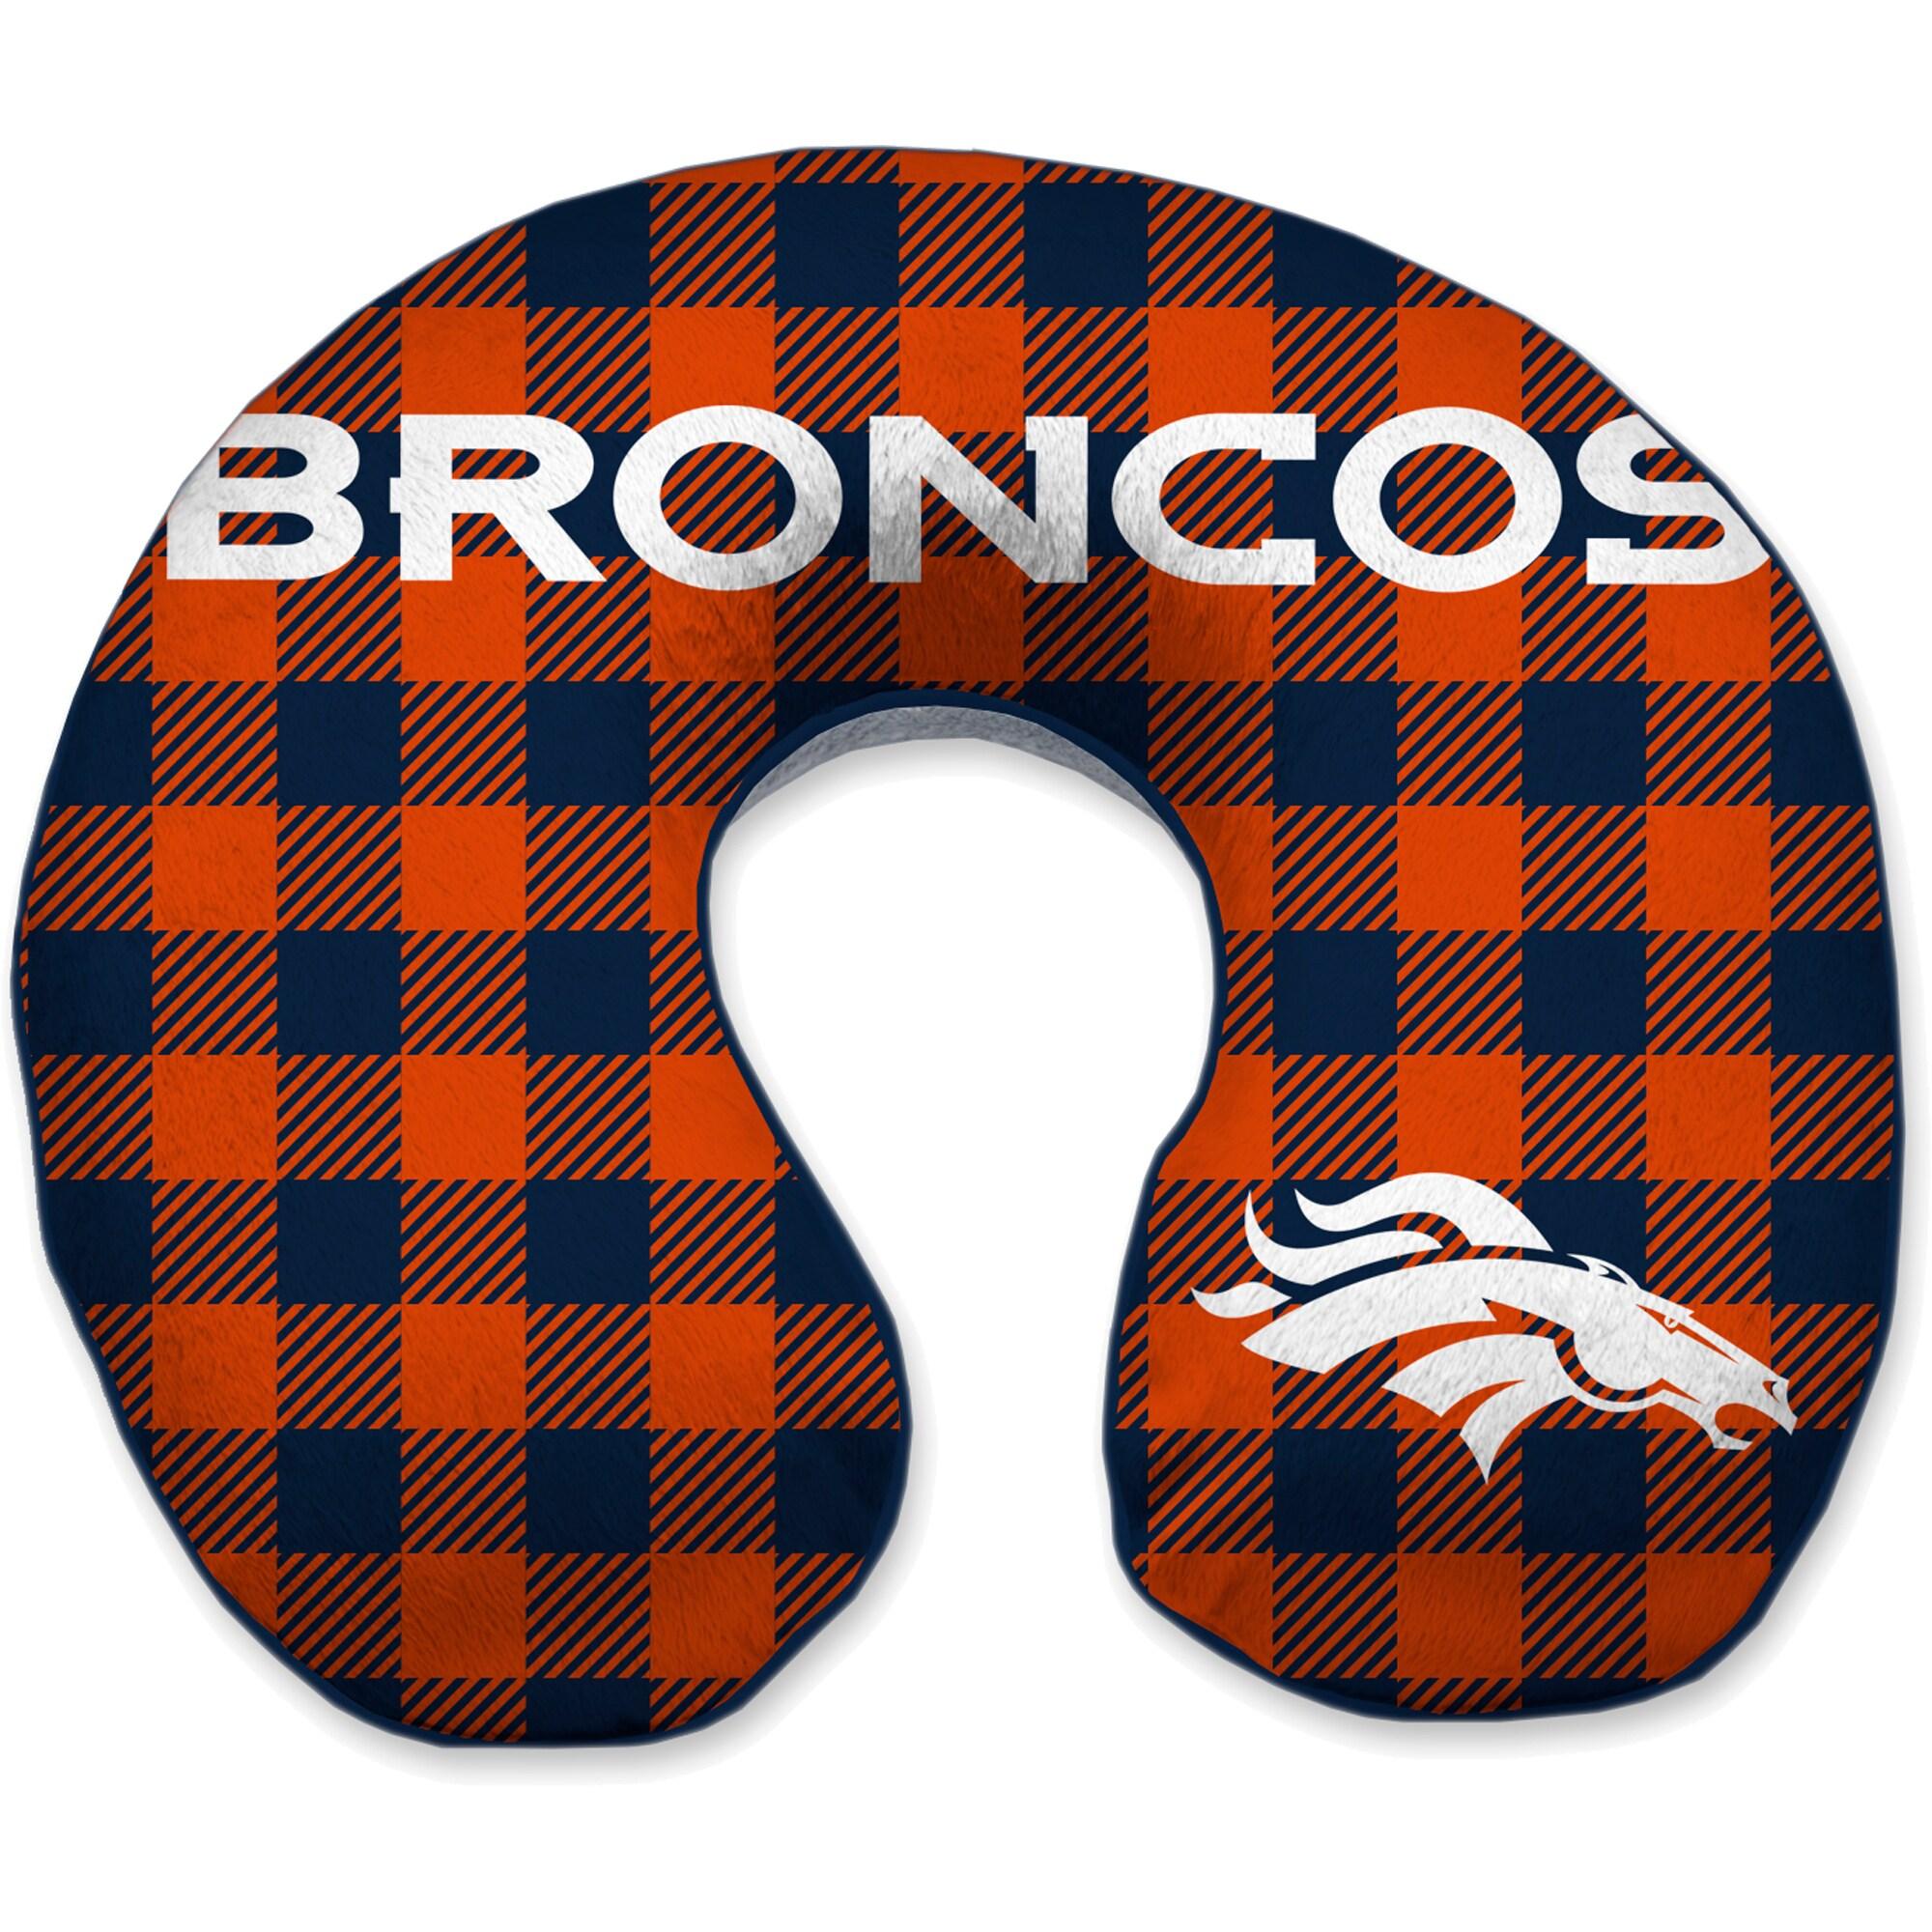 Denver Broncos Buffalo Check Sherpa Memory Foam Travel Pillow - Blue